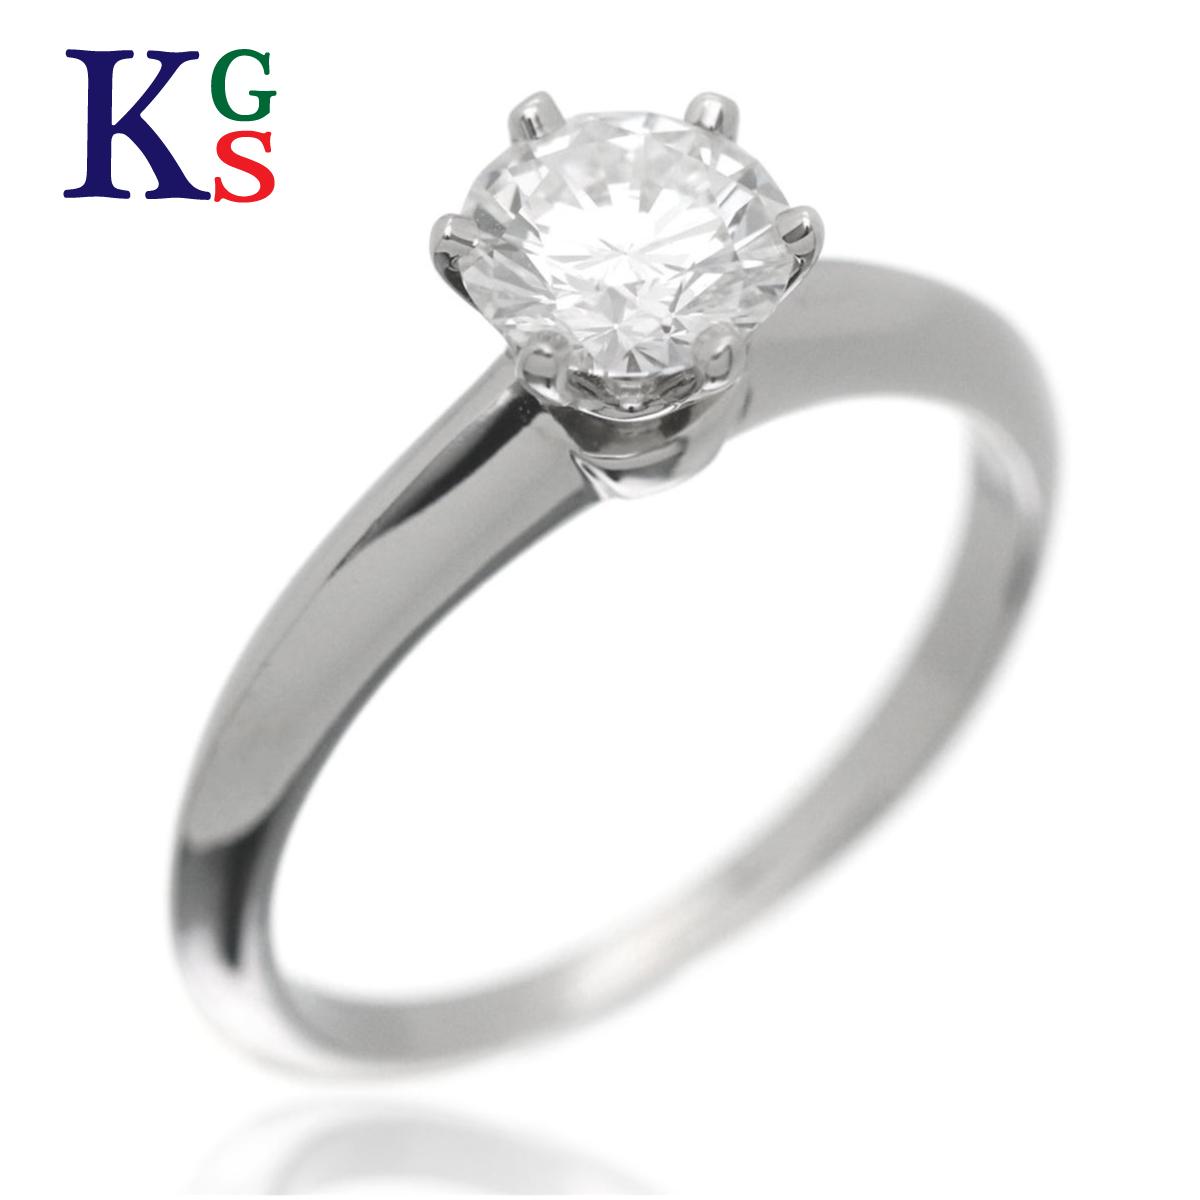 【ギフト品質】【名入れ】【0.71ct】【4号~16号】ティファニー/Tiffany&co レディース エンゲージリング 婚約指輪 セッティング ソリティアリング Pt950×1Pダイヤモンド【17】